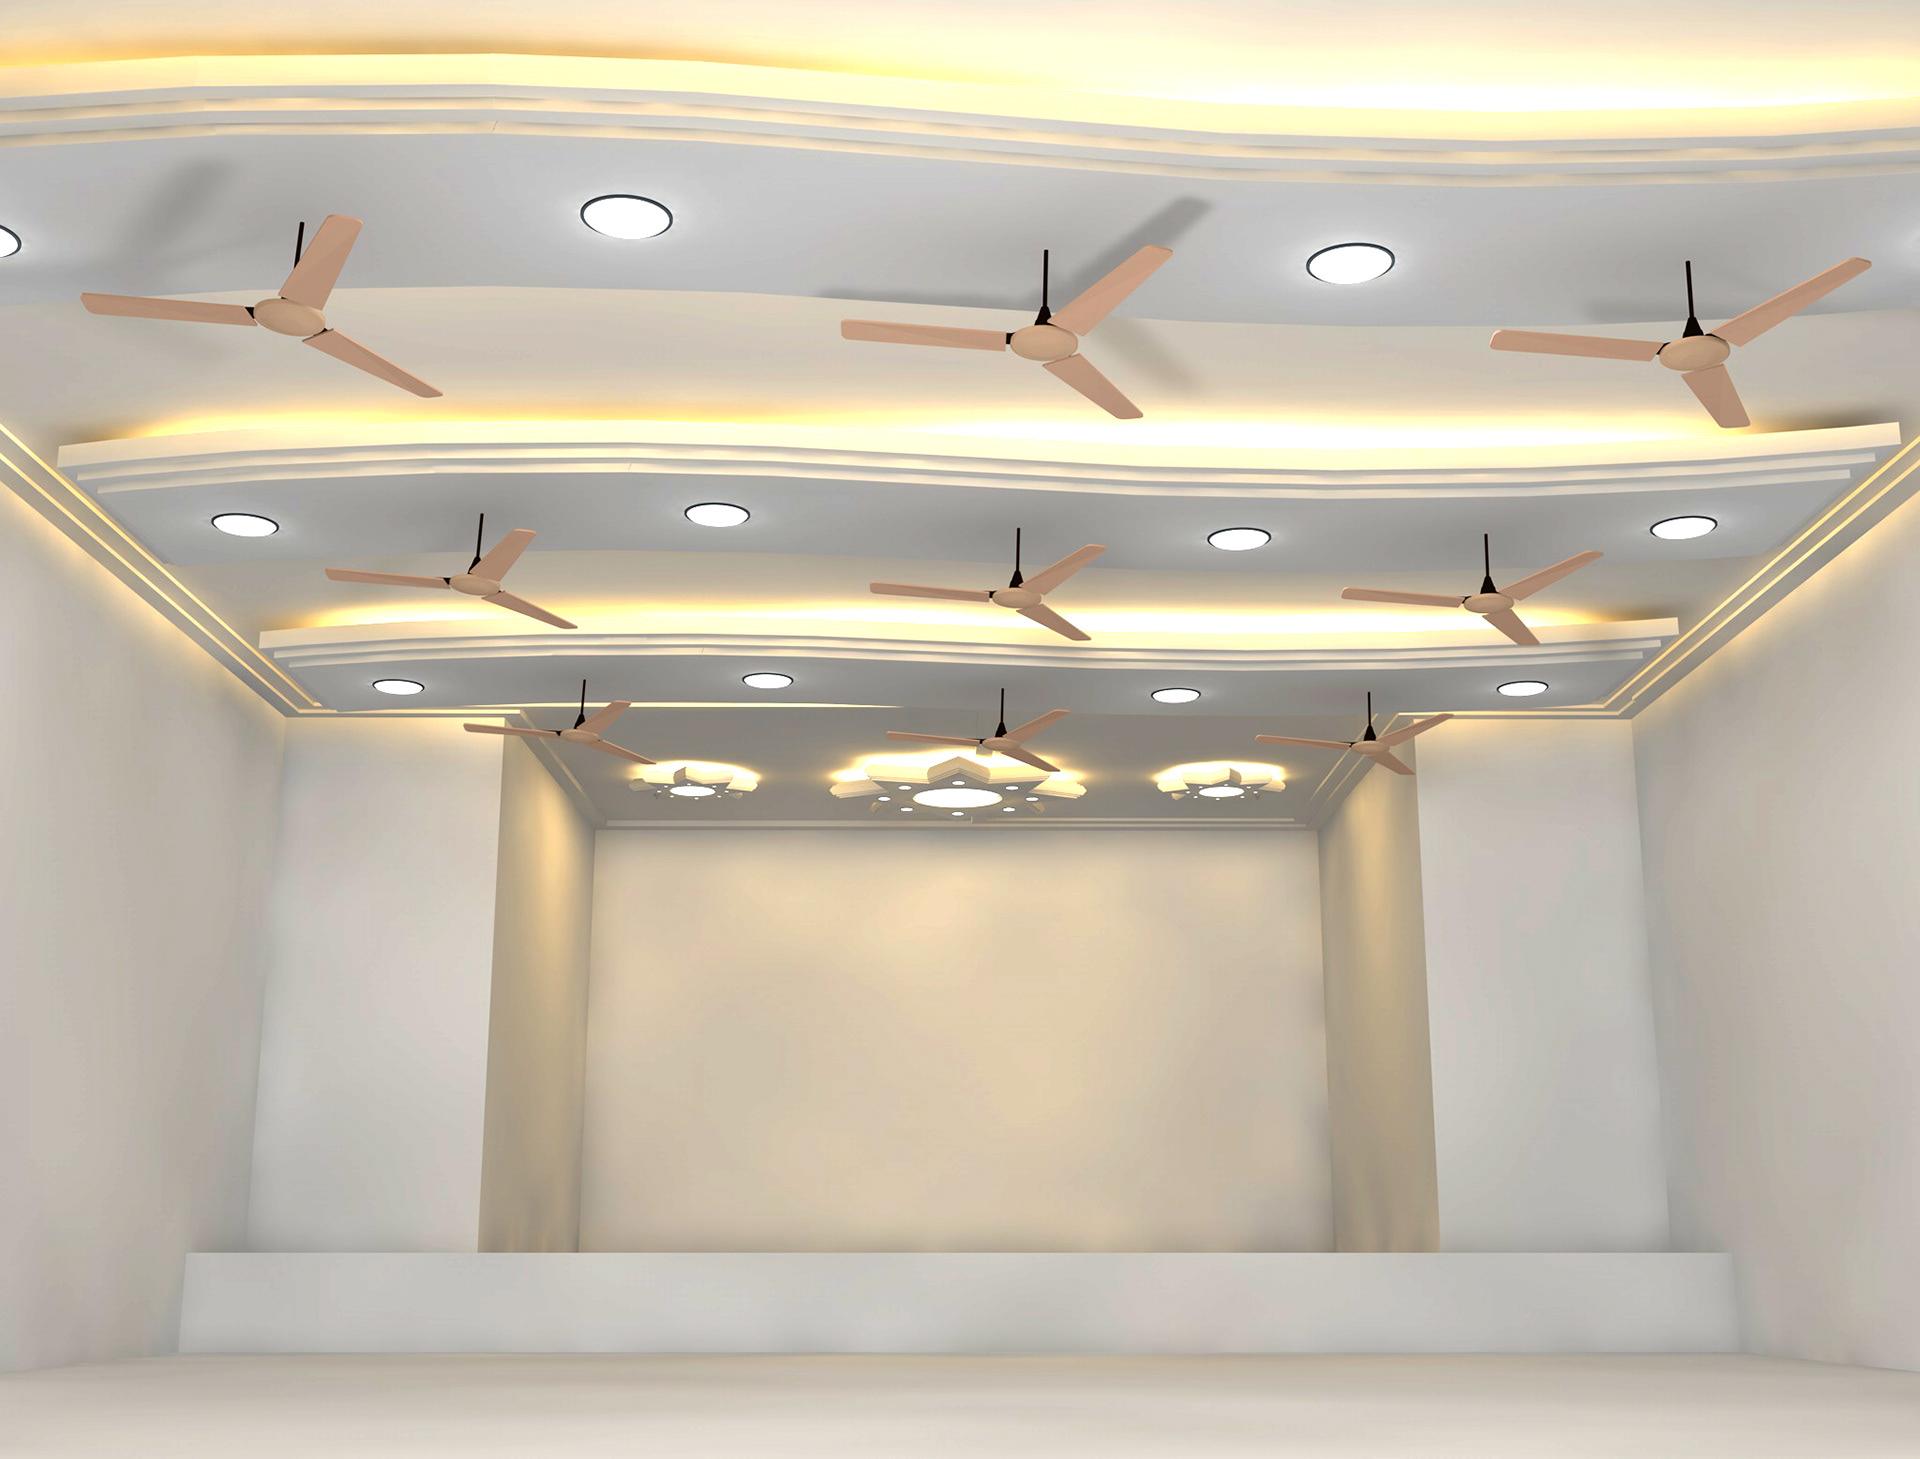 Krishnamani M Art Production Design Graphic And Web Designer False Ceiling Concept Design